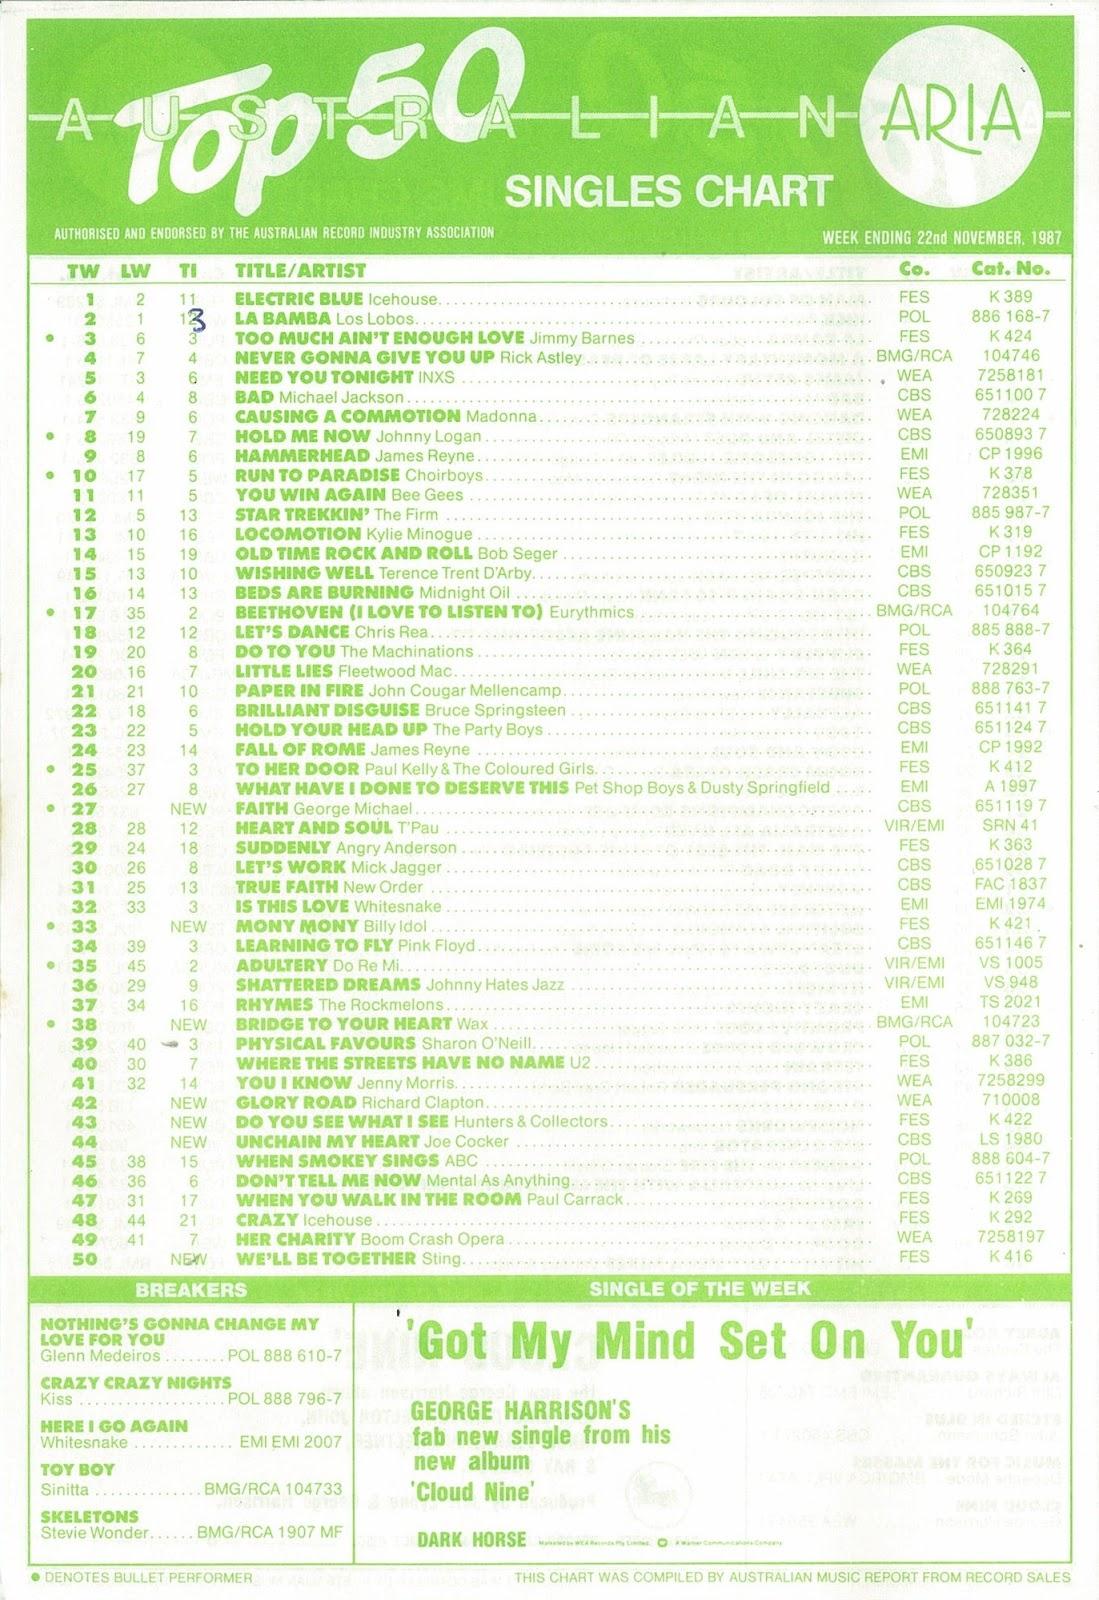 http://1.bp.blogspot.com/-HShBD9sbtro/UKheeOagfhI/AAAAAAAAA3Q/DbkY0cdWlwA/s1600/November+22,+1987+singles.jpg